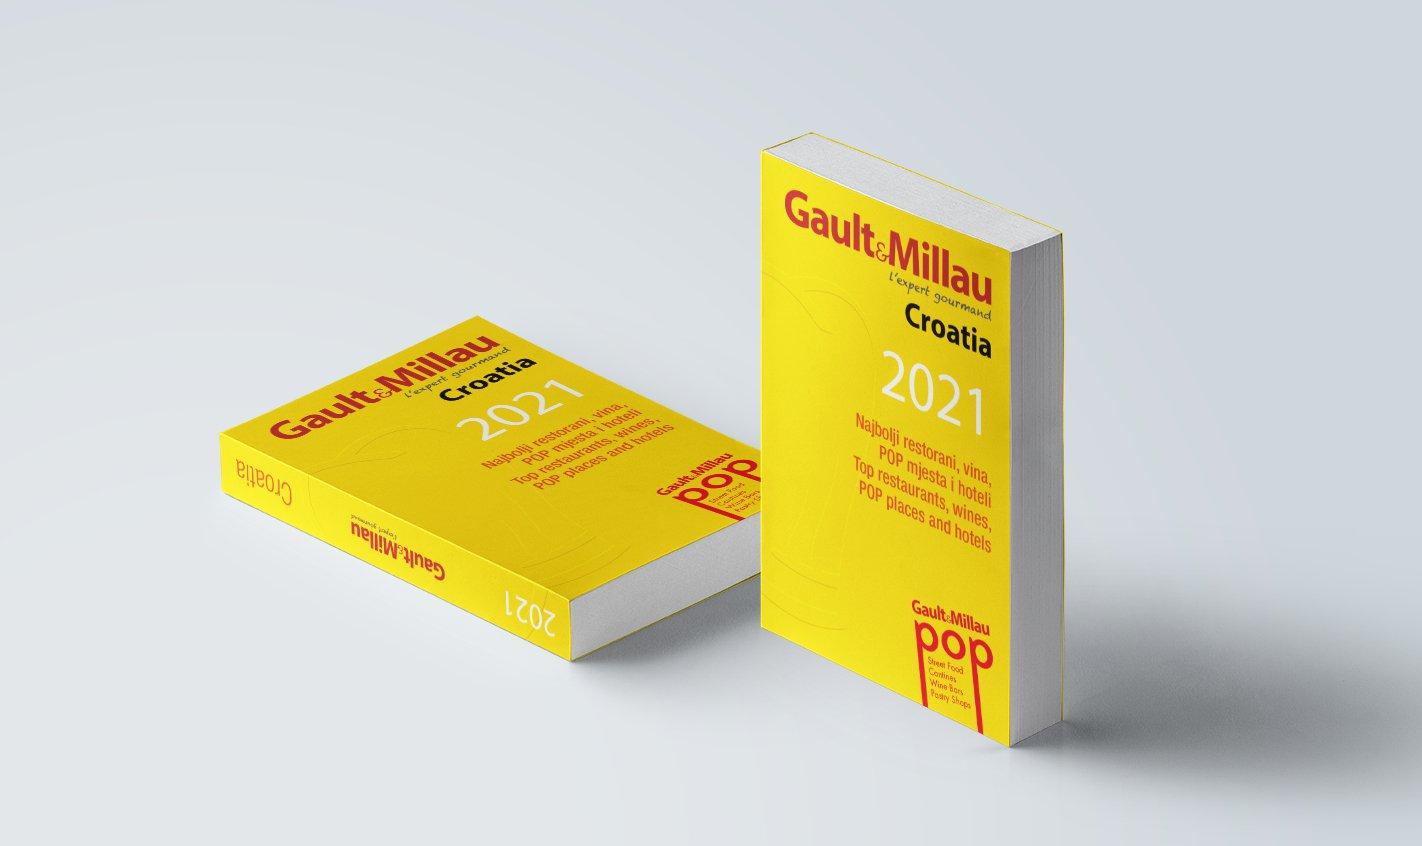 Gastronomski vodič Gault&Millau Croatia 2021. izlazi krajem svibnja!